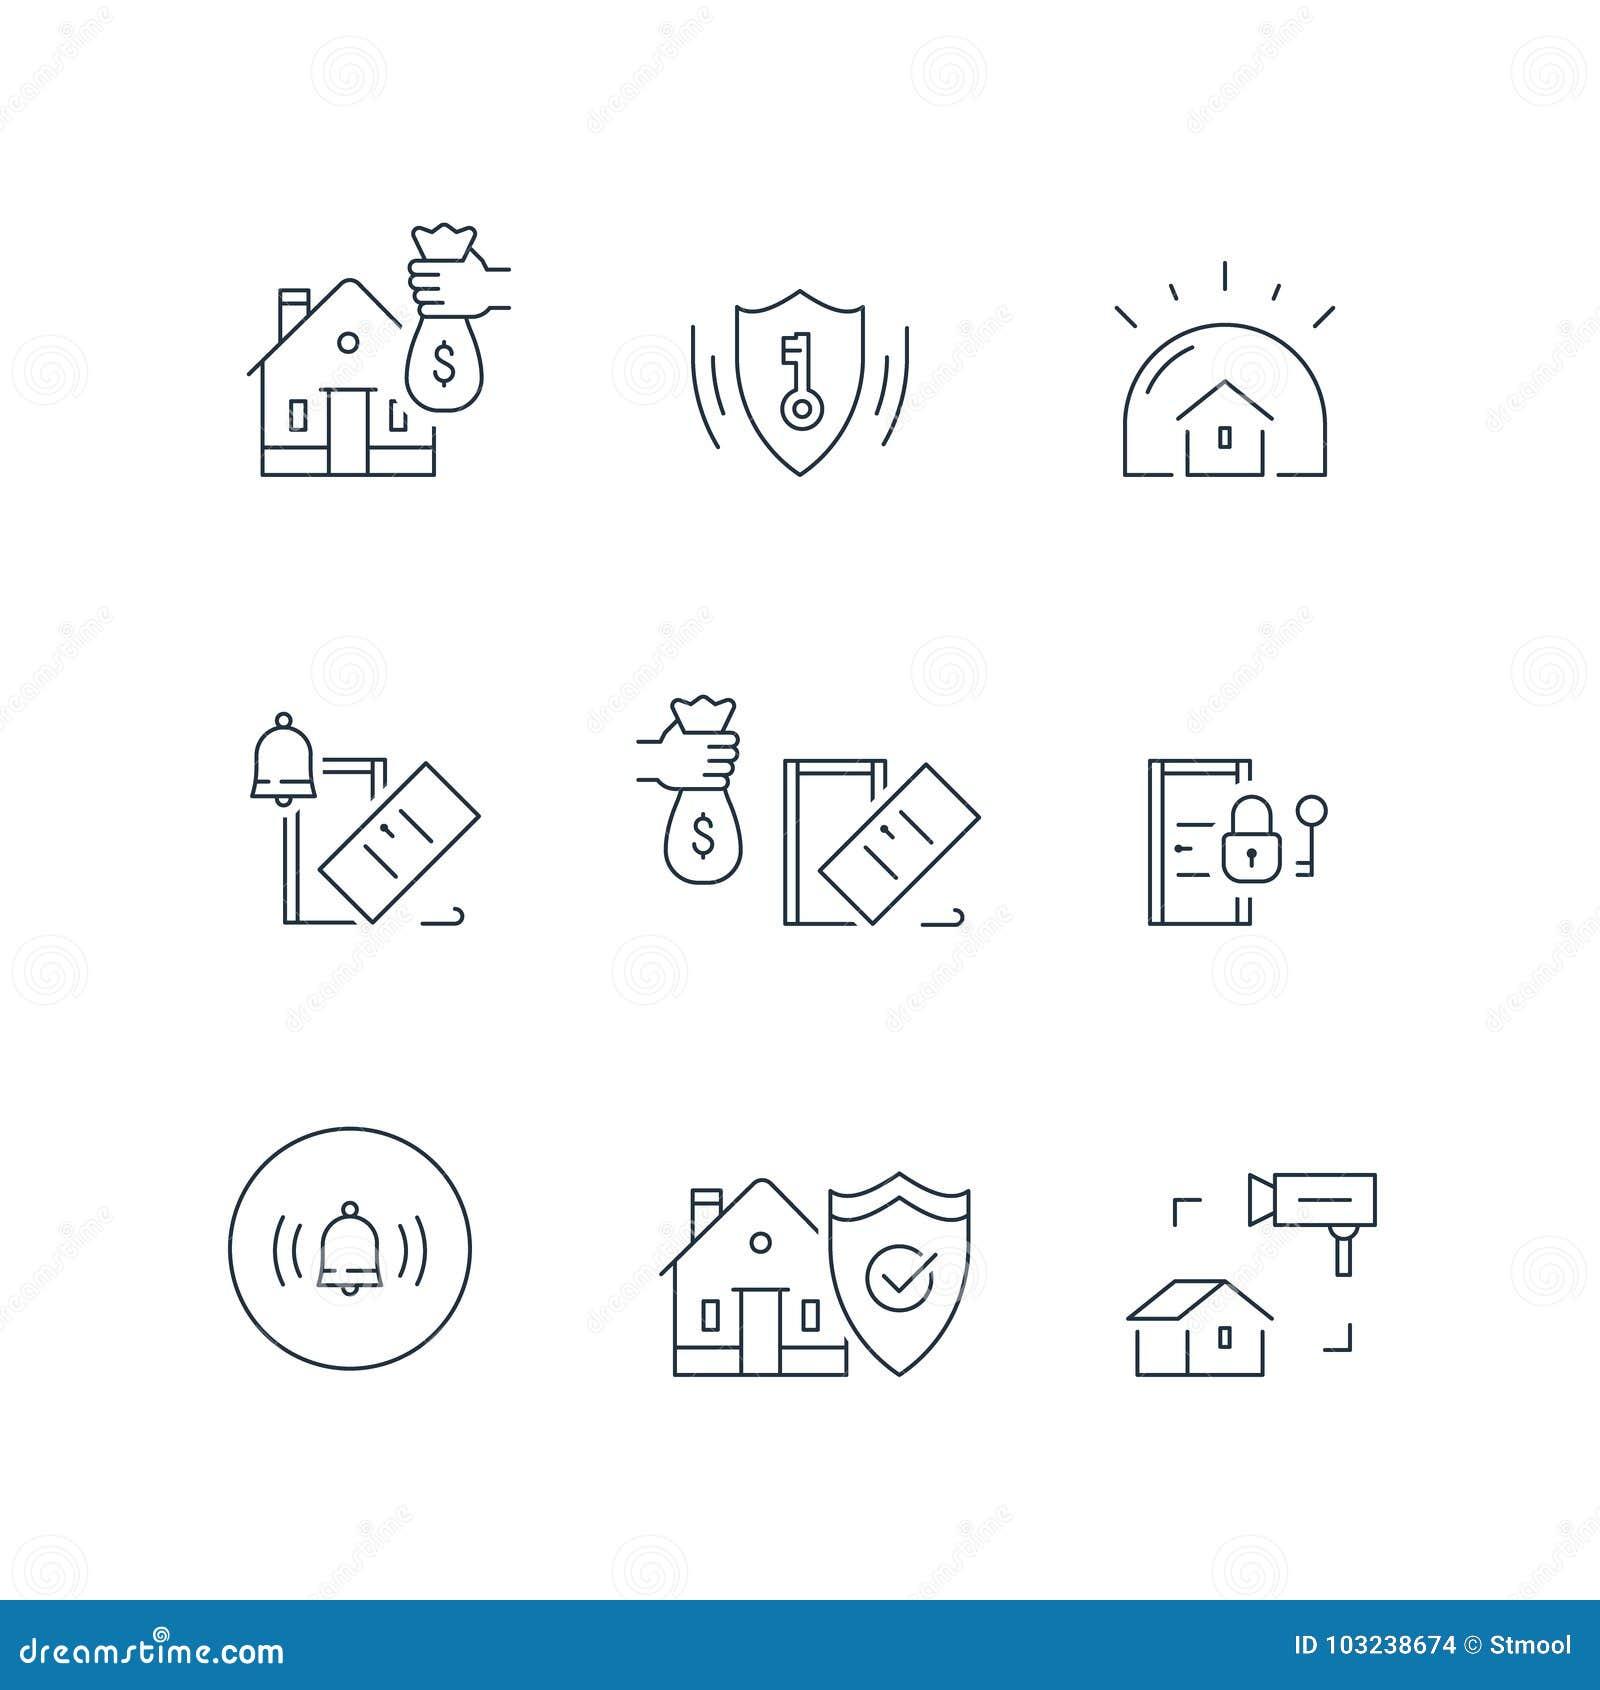 Domowa kamera wideo inwigilacja, alarma strażowy system, domowa ochrona, włamanie ochrona, majątkowa przerwa w ubezpieczeniu, ude